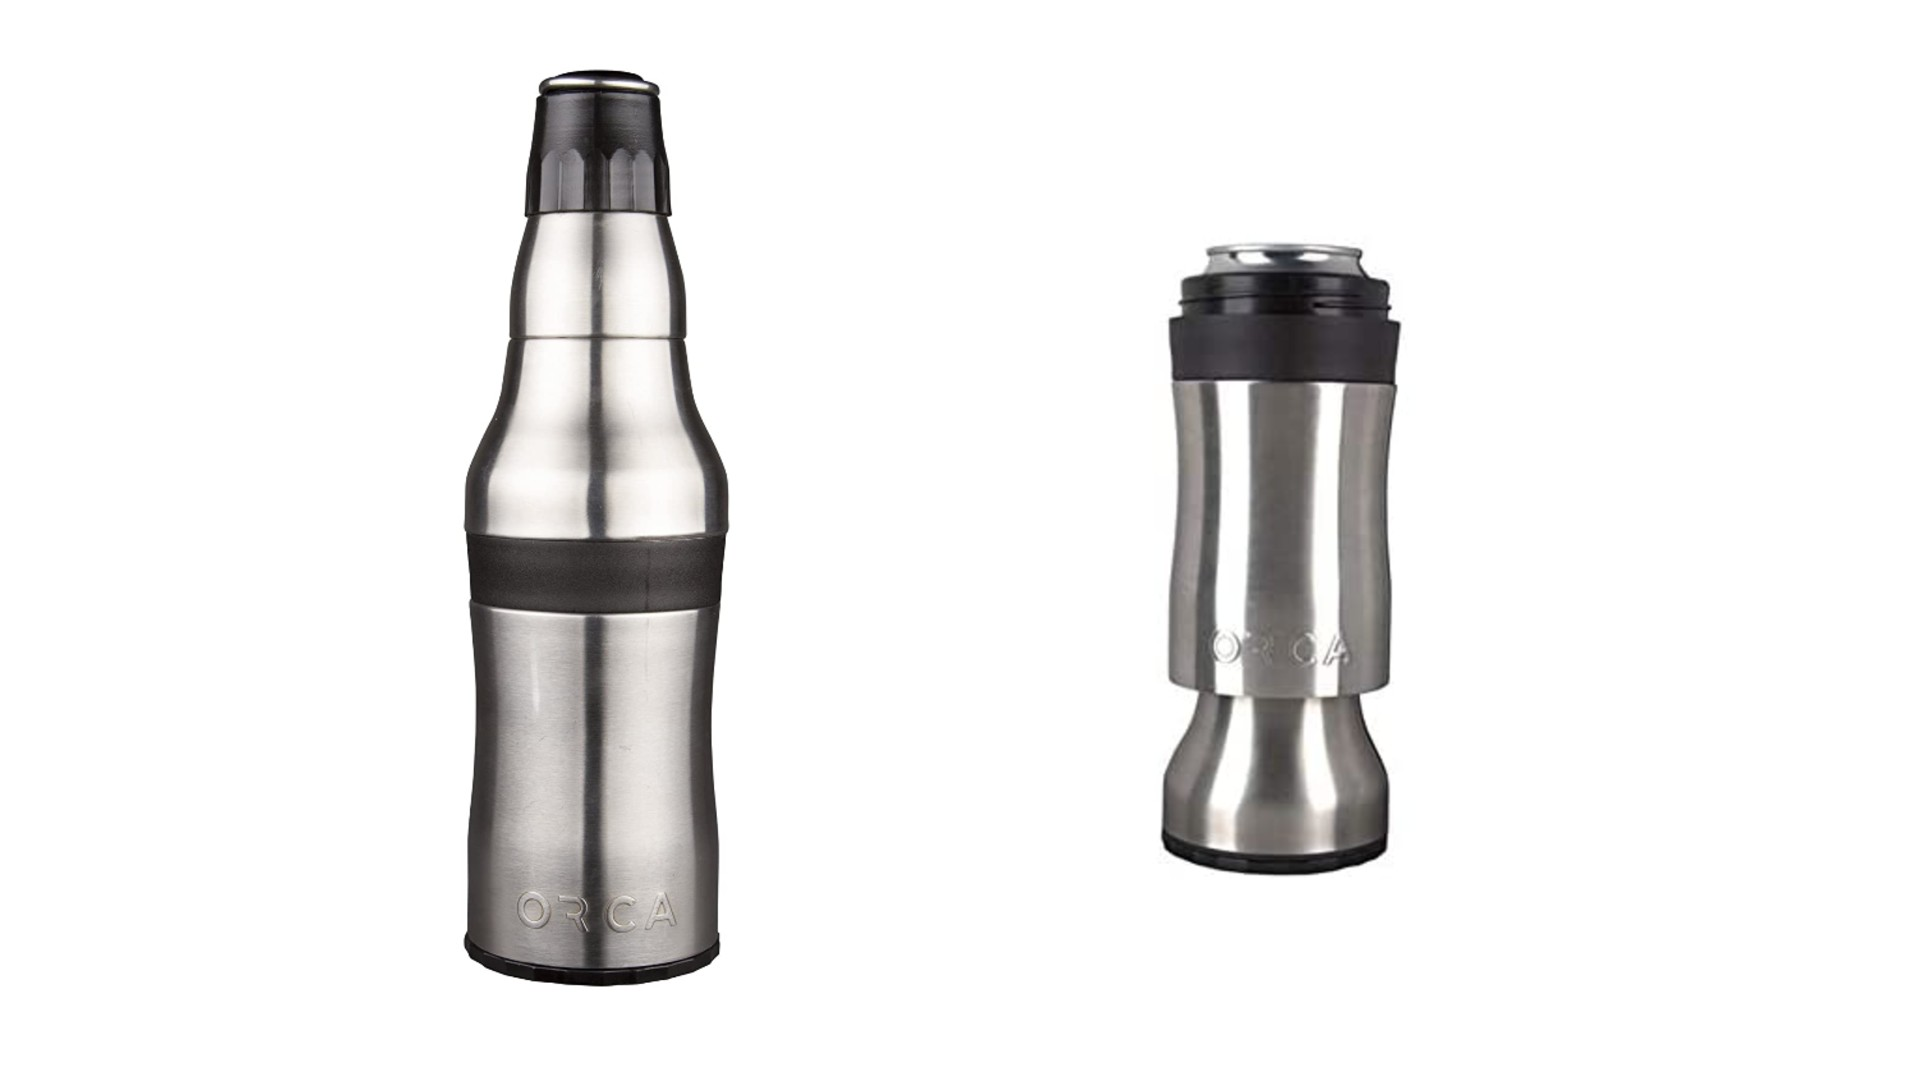 ORCA Rocket Bottle Can Holder